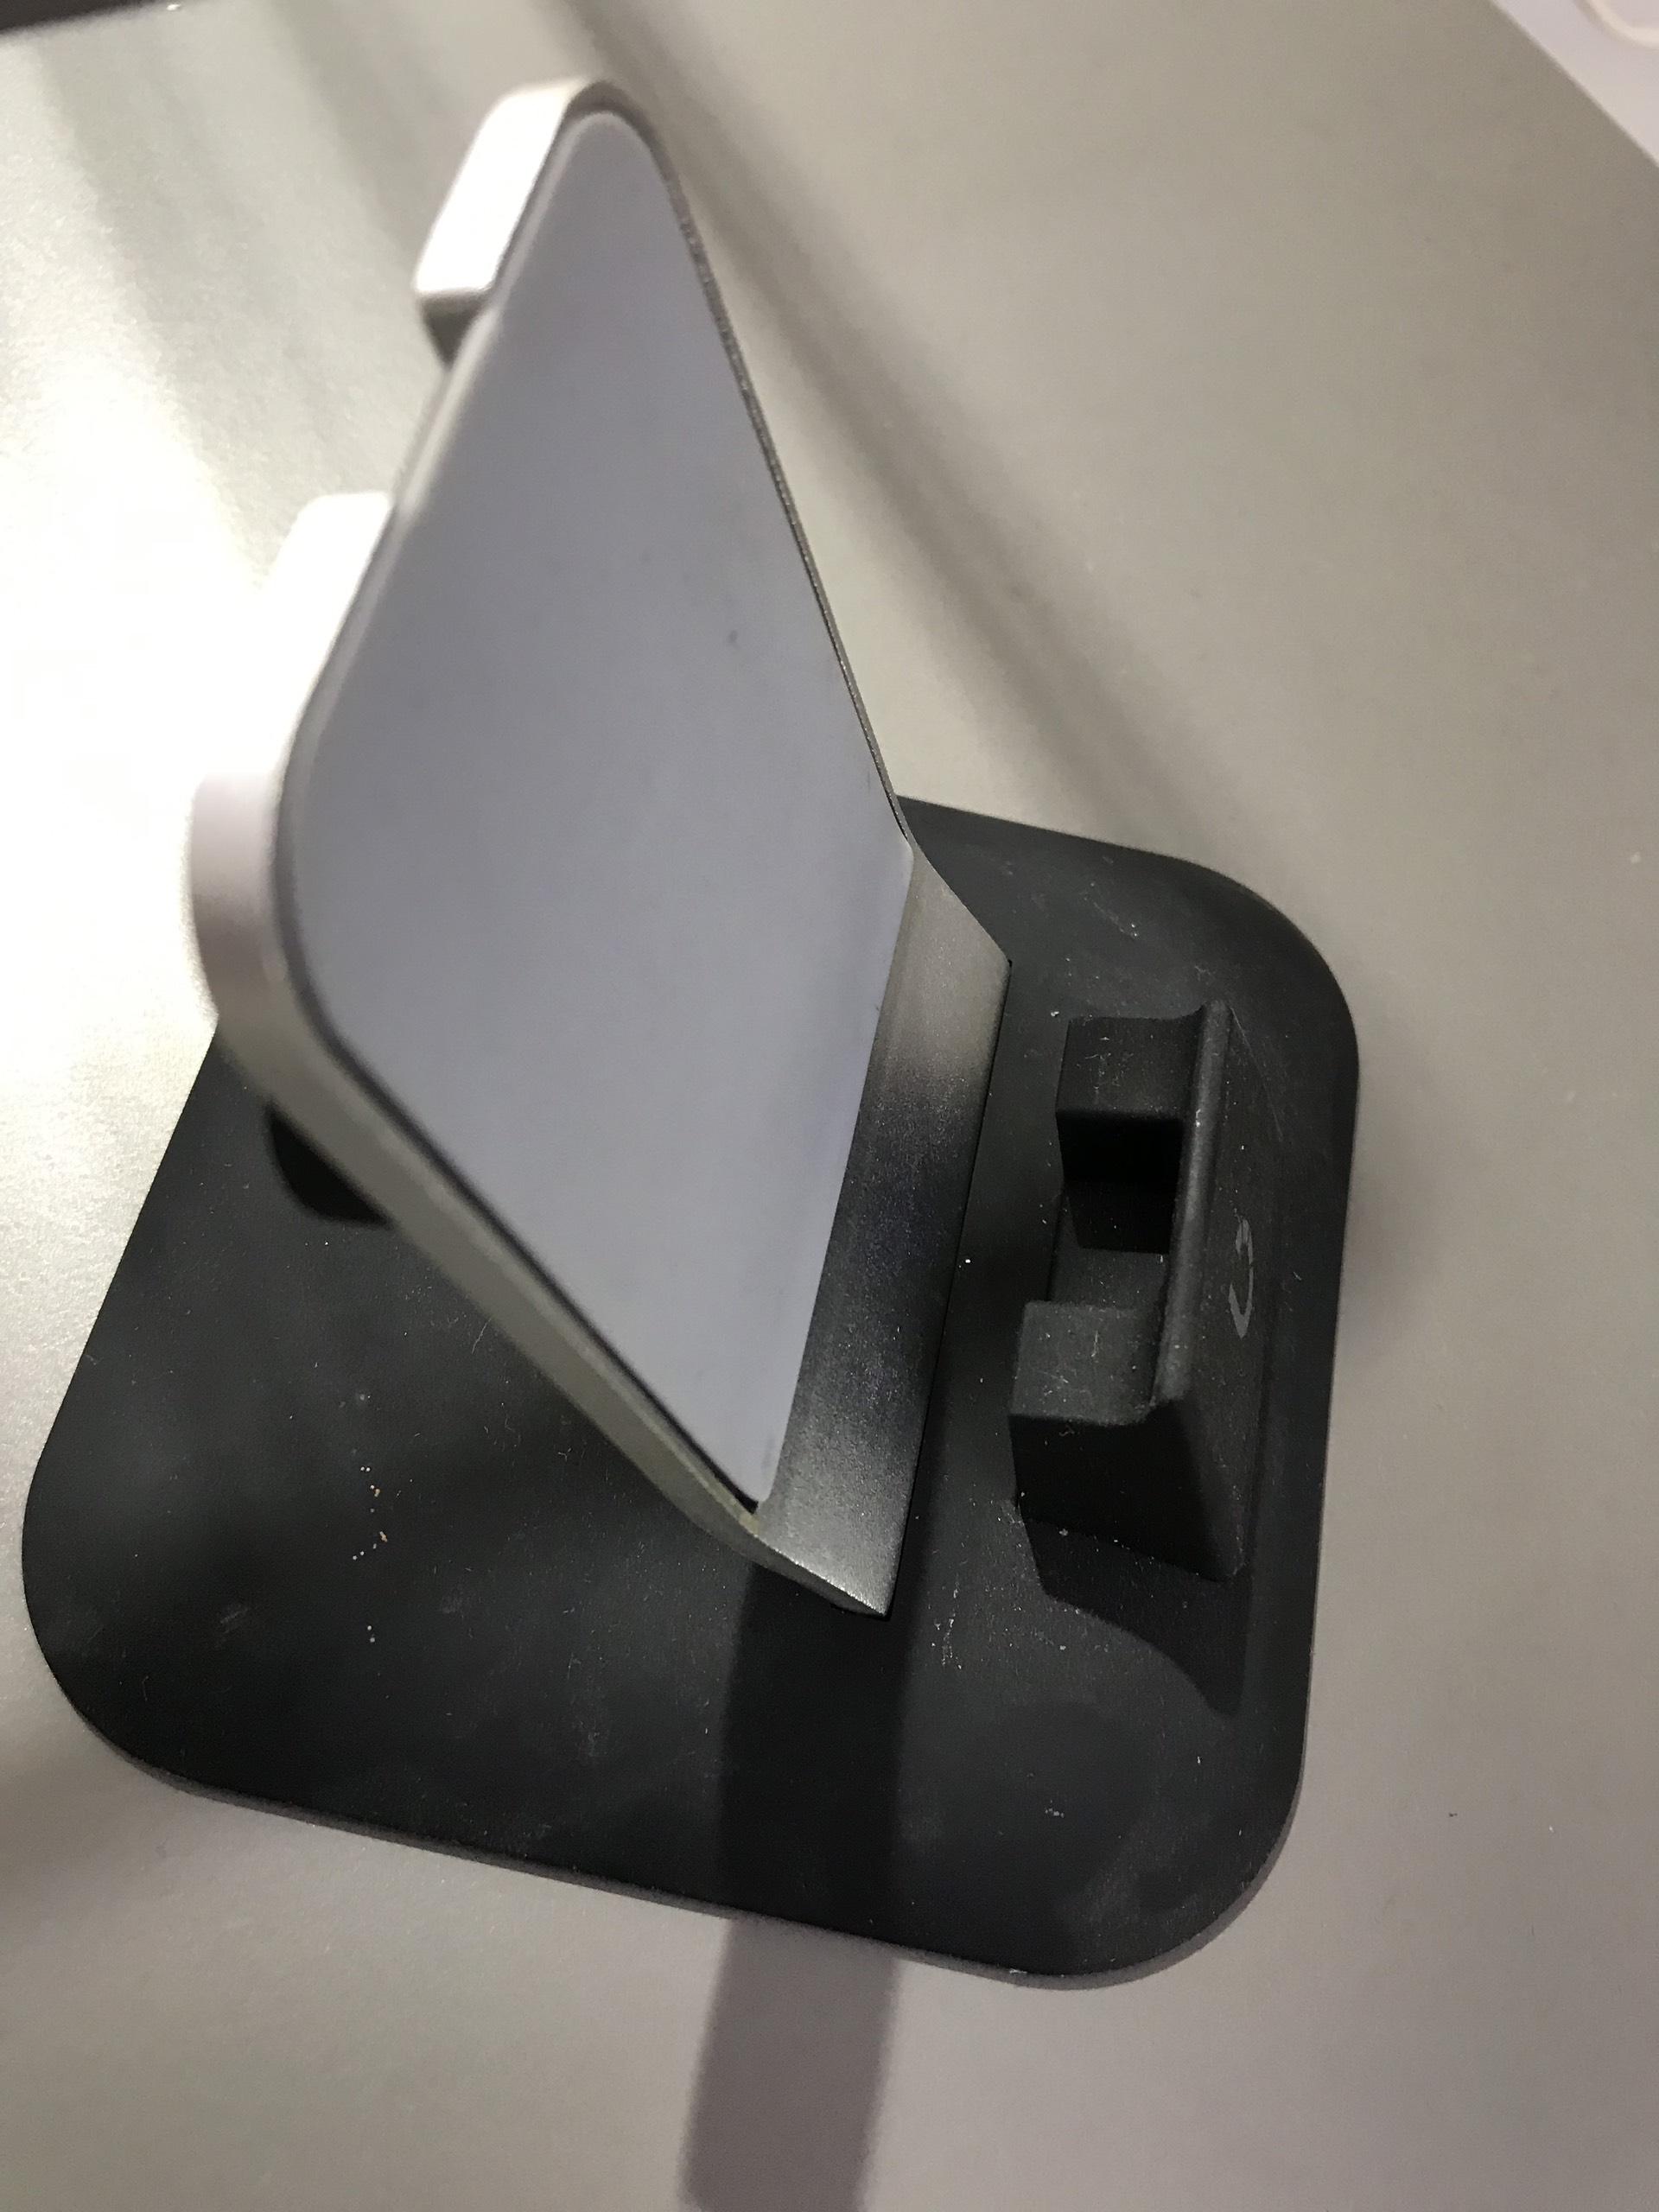 Futura X TURBO Stand - Giá đỡ cho đế sạc không dây BEZALEL - Hàng chính hãng